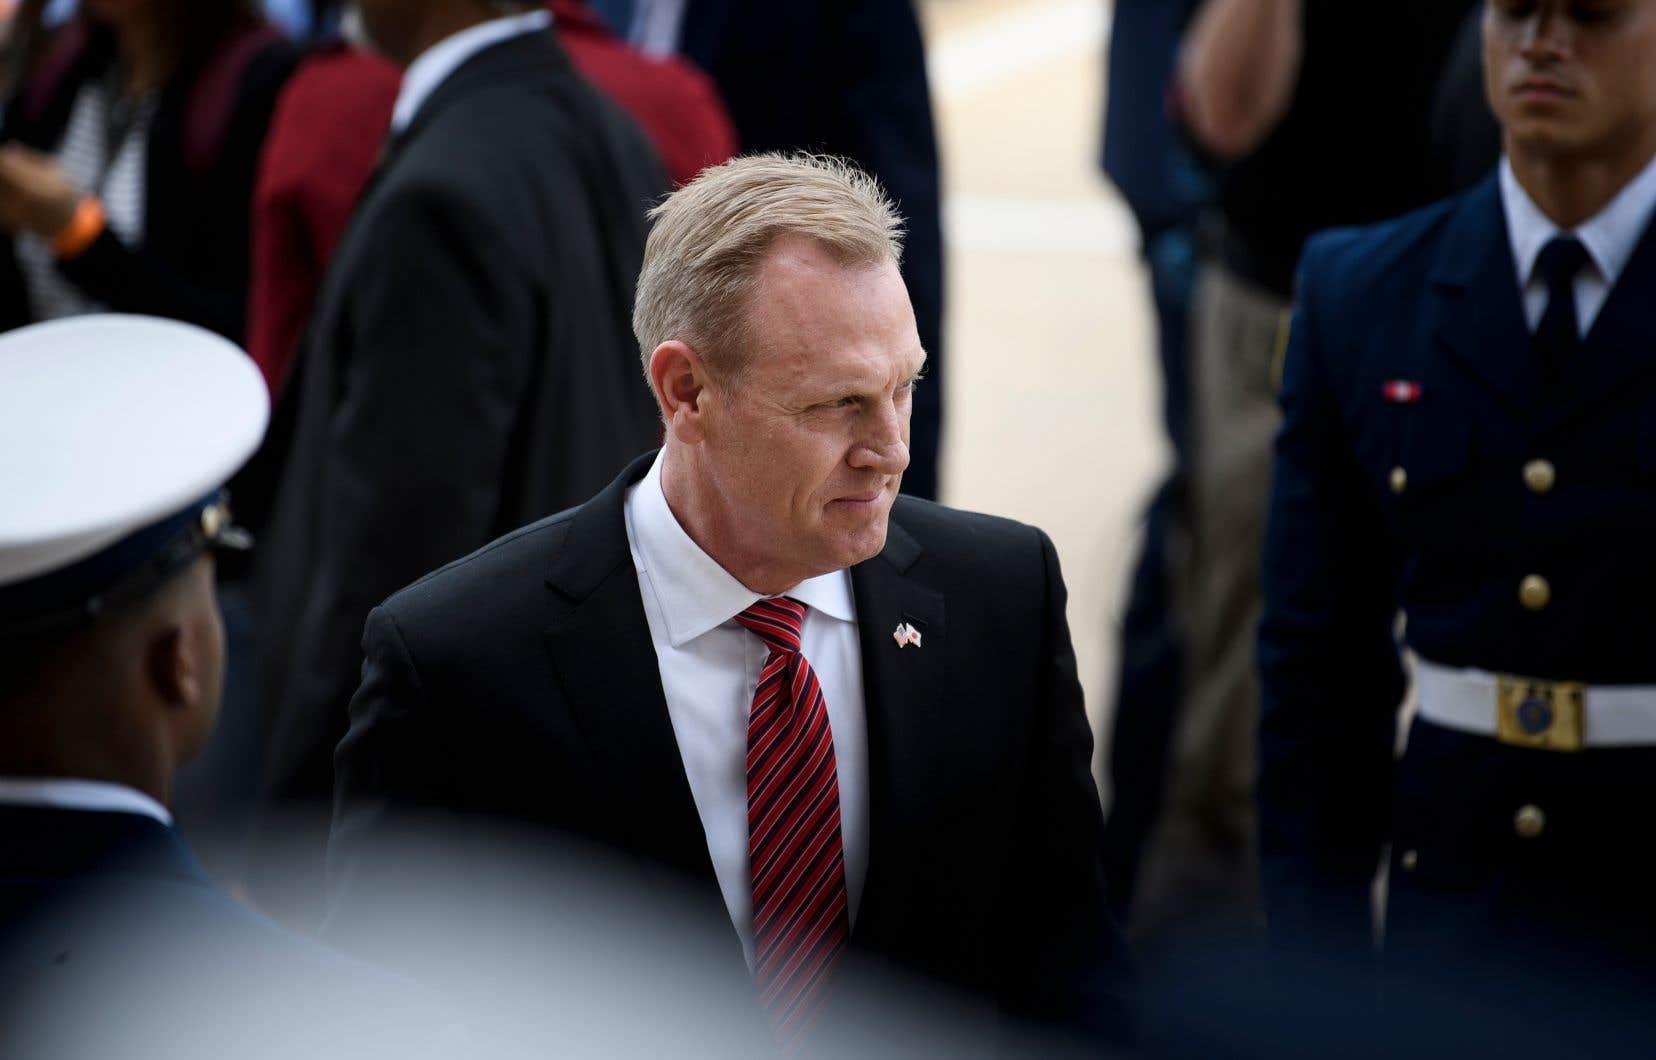 Patrick Shanahan s'est brutalement retrouvé sur le devant de la scène internationale fin décembre, avec la démission fracassante de Jim Mattis qui a conduit le président américain à le nommer ministre de la Défense par intérim.